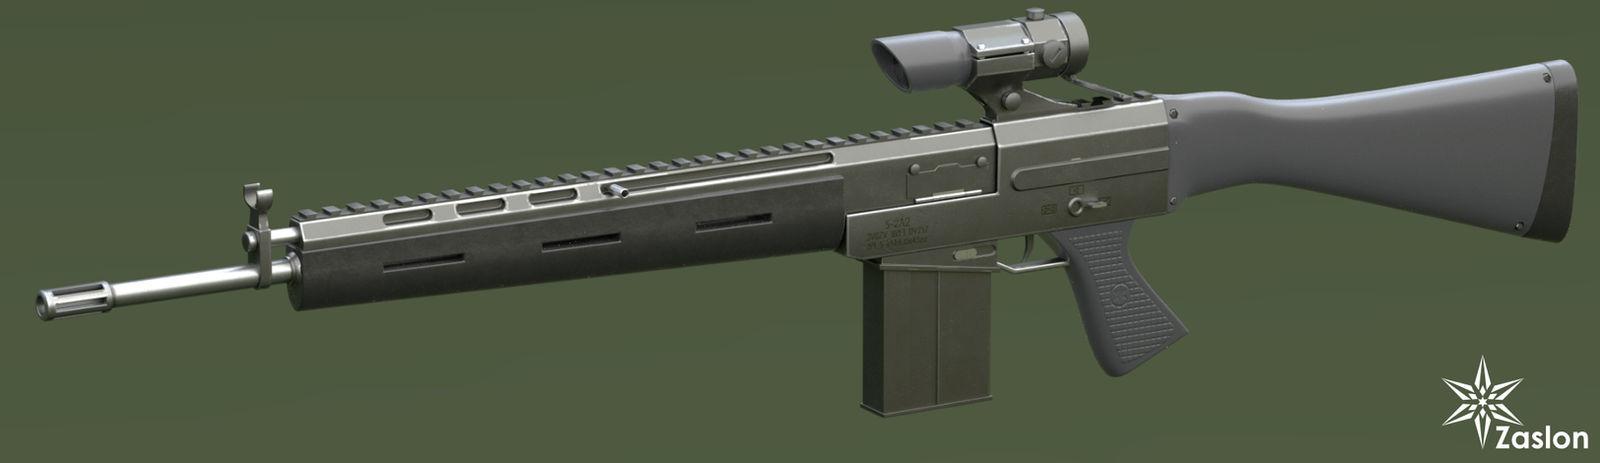 original assault rifle